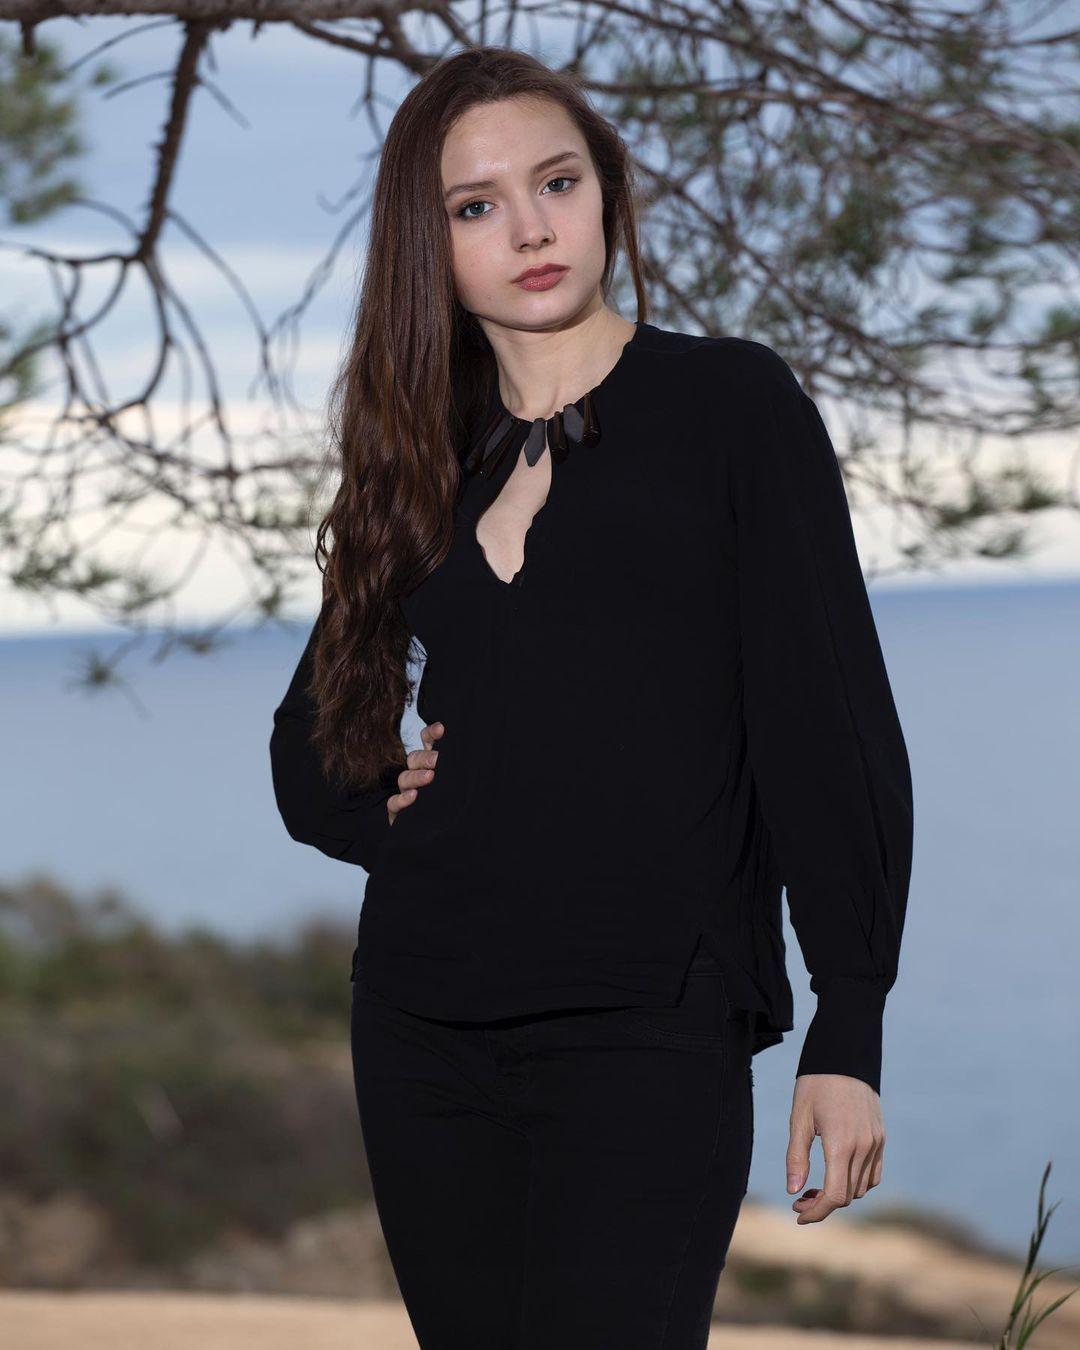 年仅19岁少女《Irina Shugova》姿势表情简直满分!-新图包